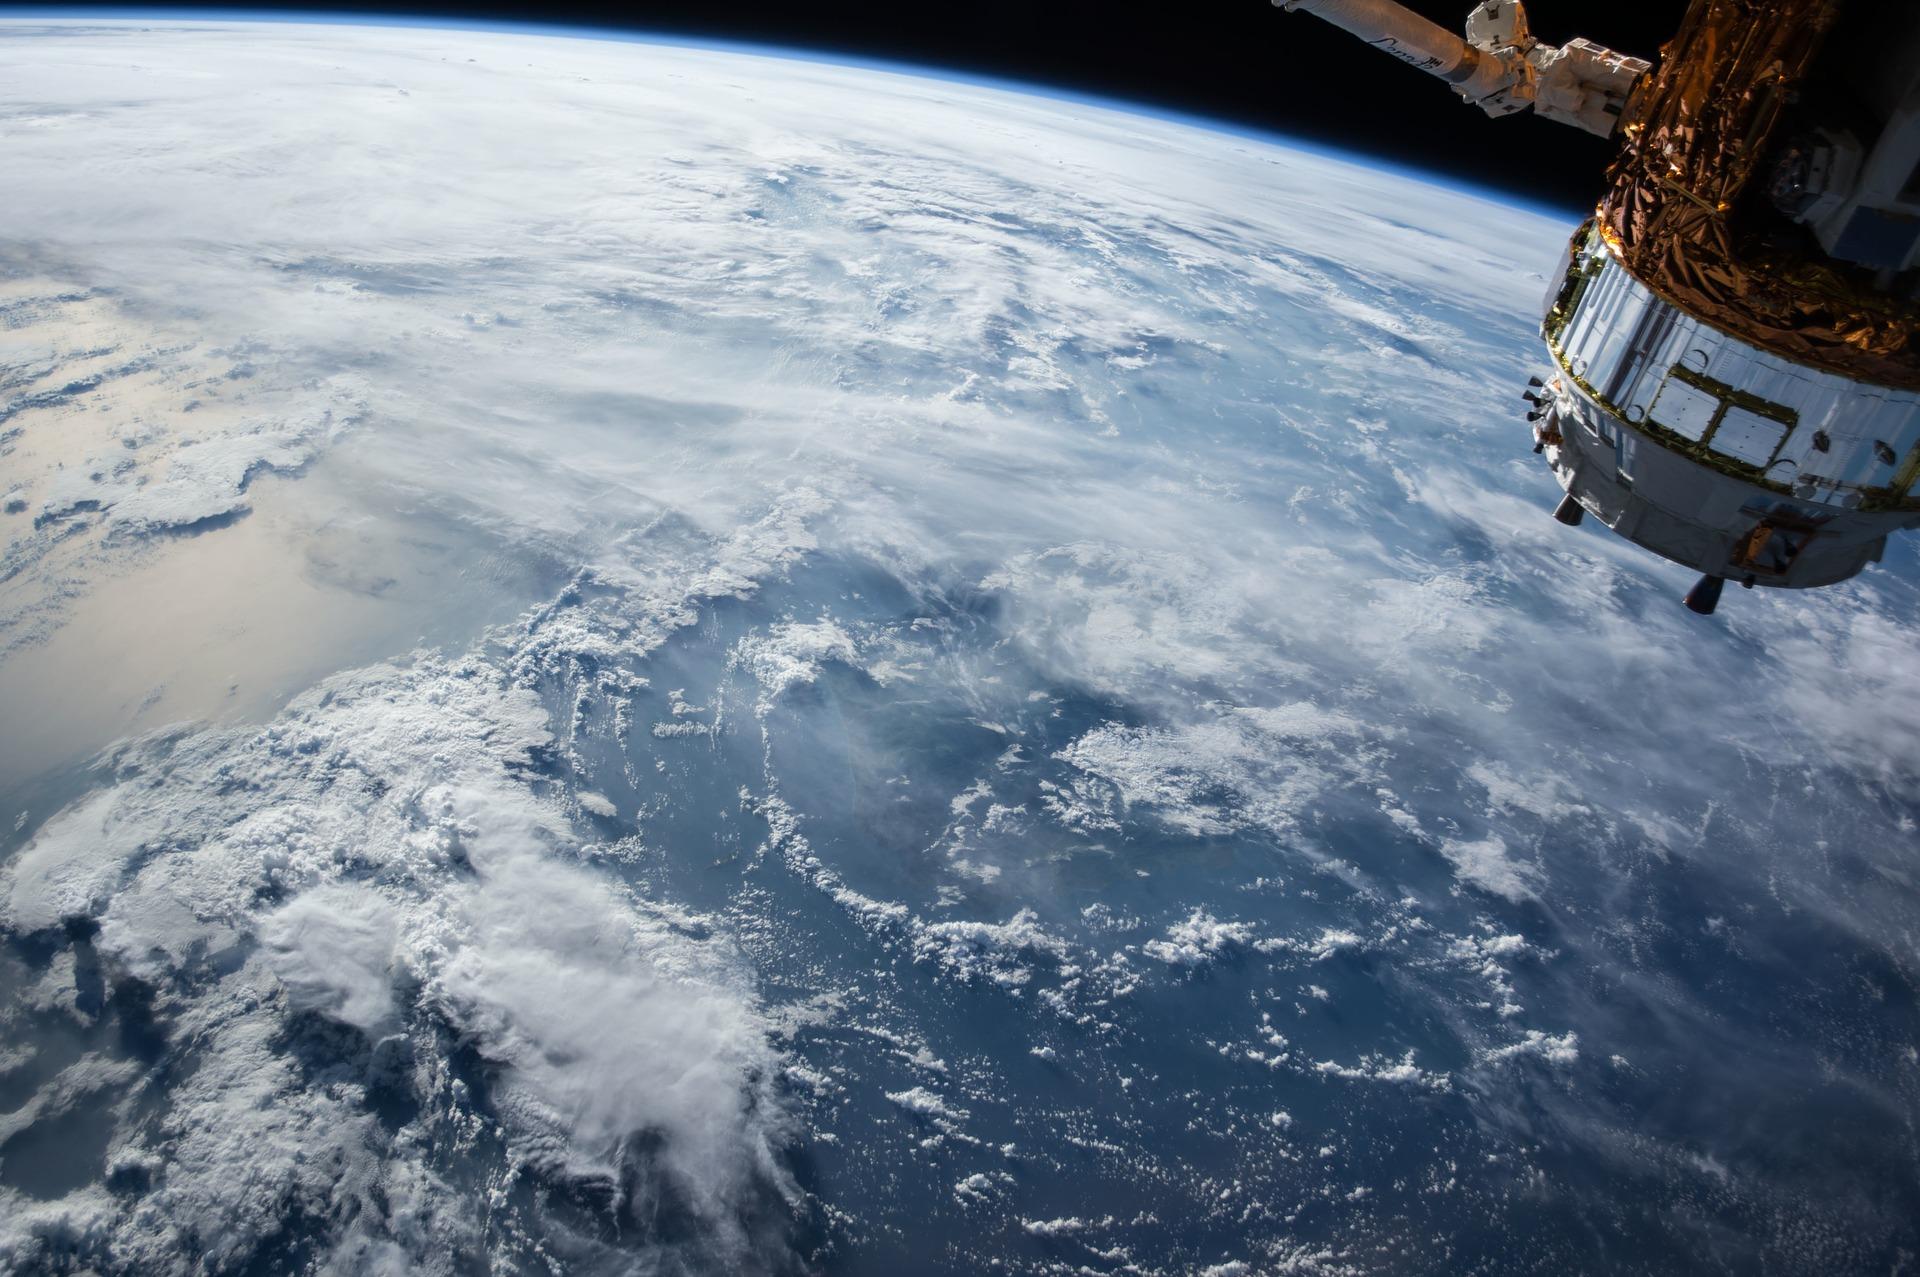 Facebook costruisce una rete di satelliti per connettere il mondo: Athena